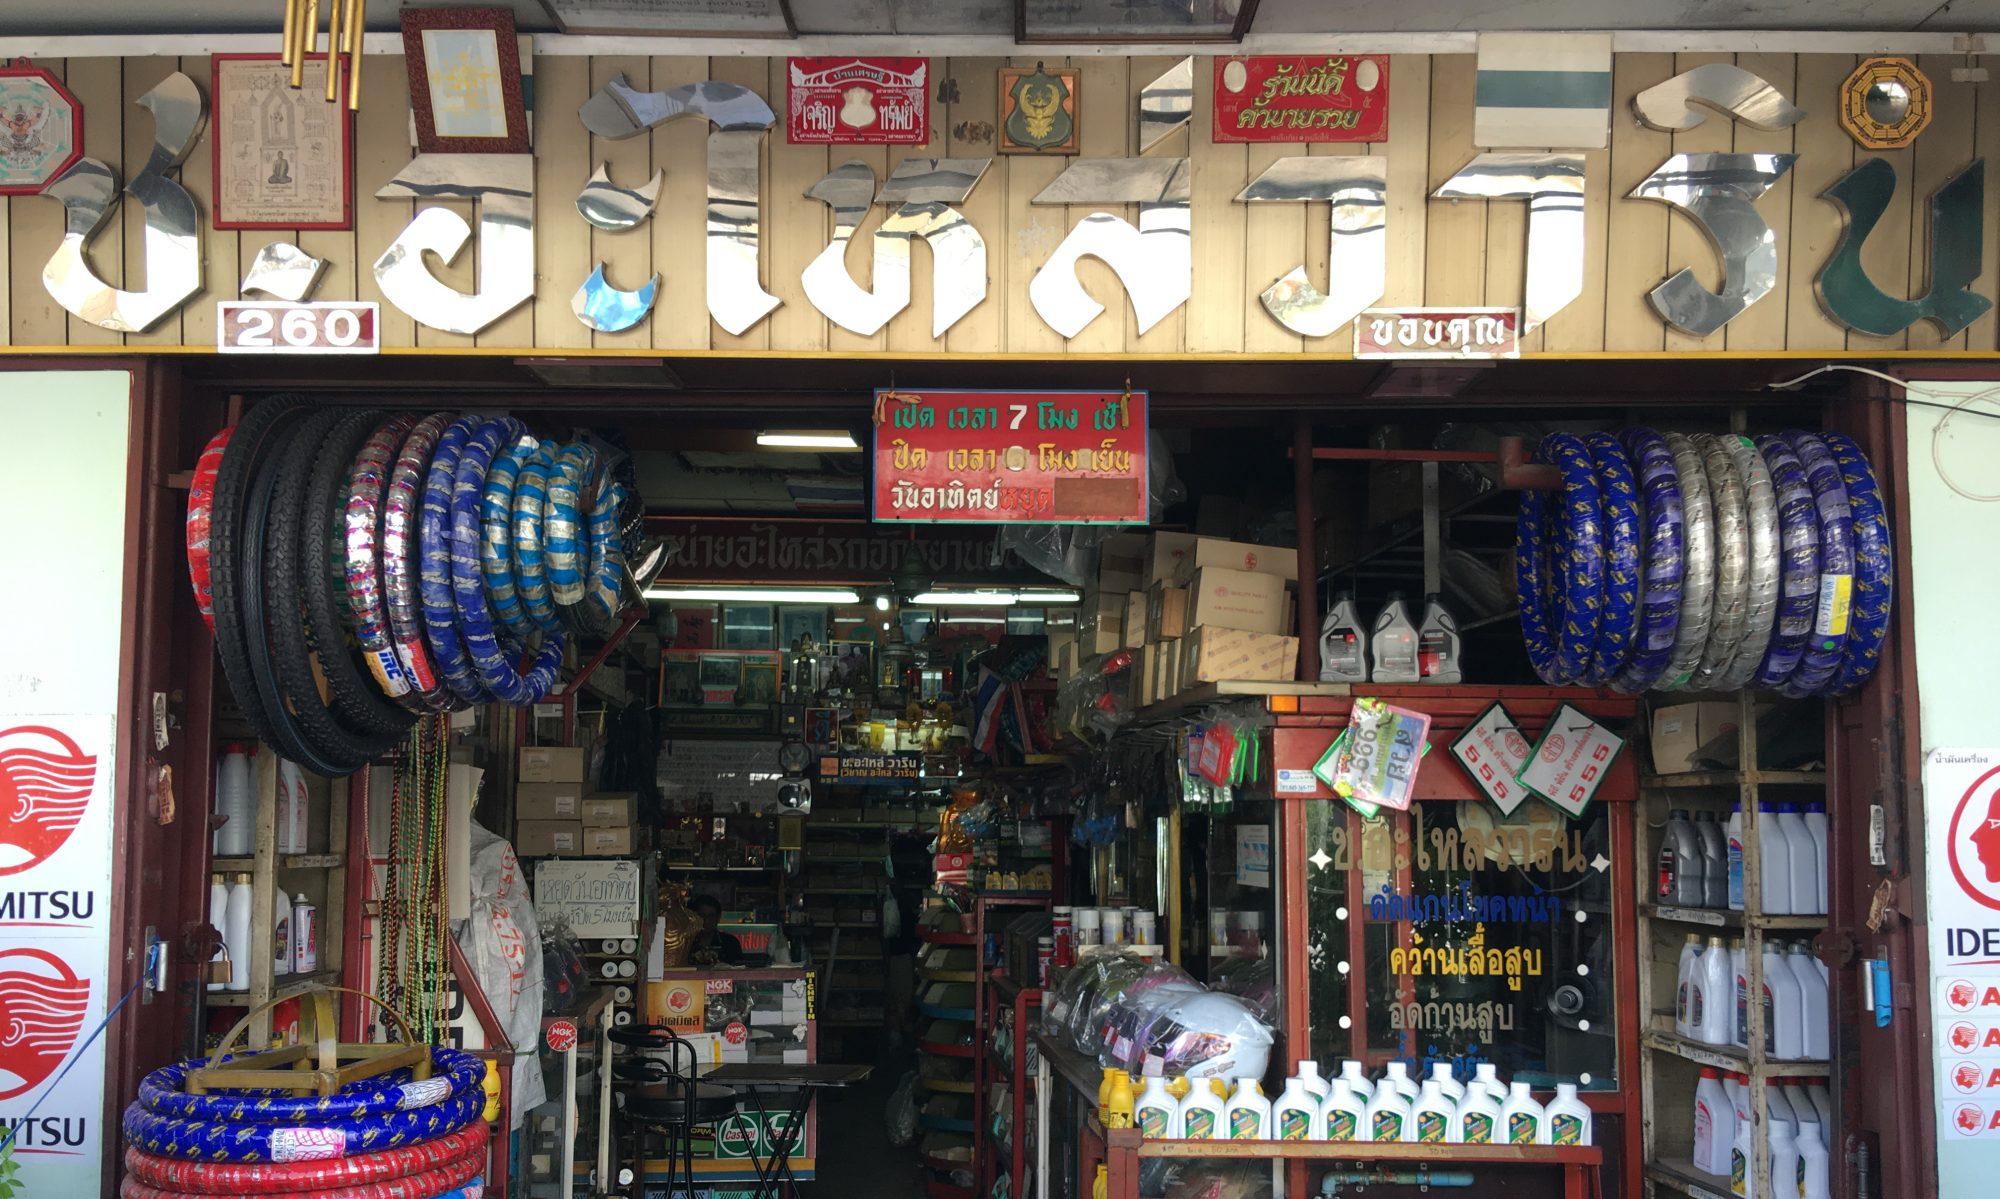 Vichanarai Warinchamrap Ubon รับคว้านเสื้อสูบ อัดก้าน ทำวาล์วรถมอเตอร์ไซต์ในอุบล